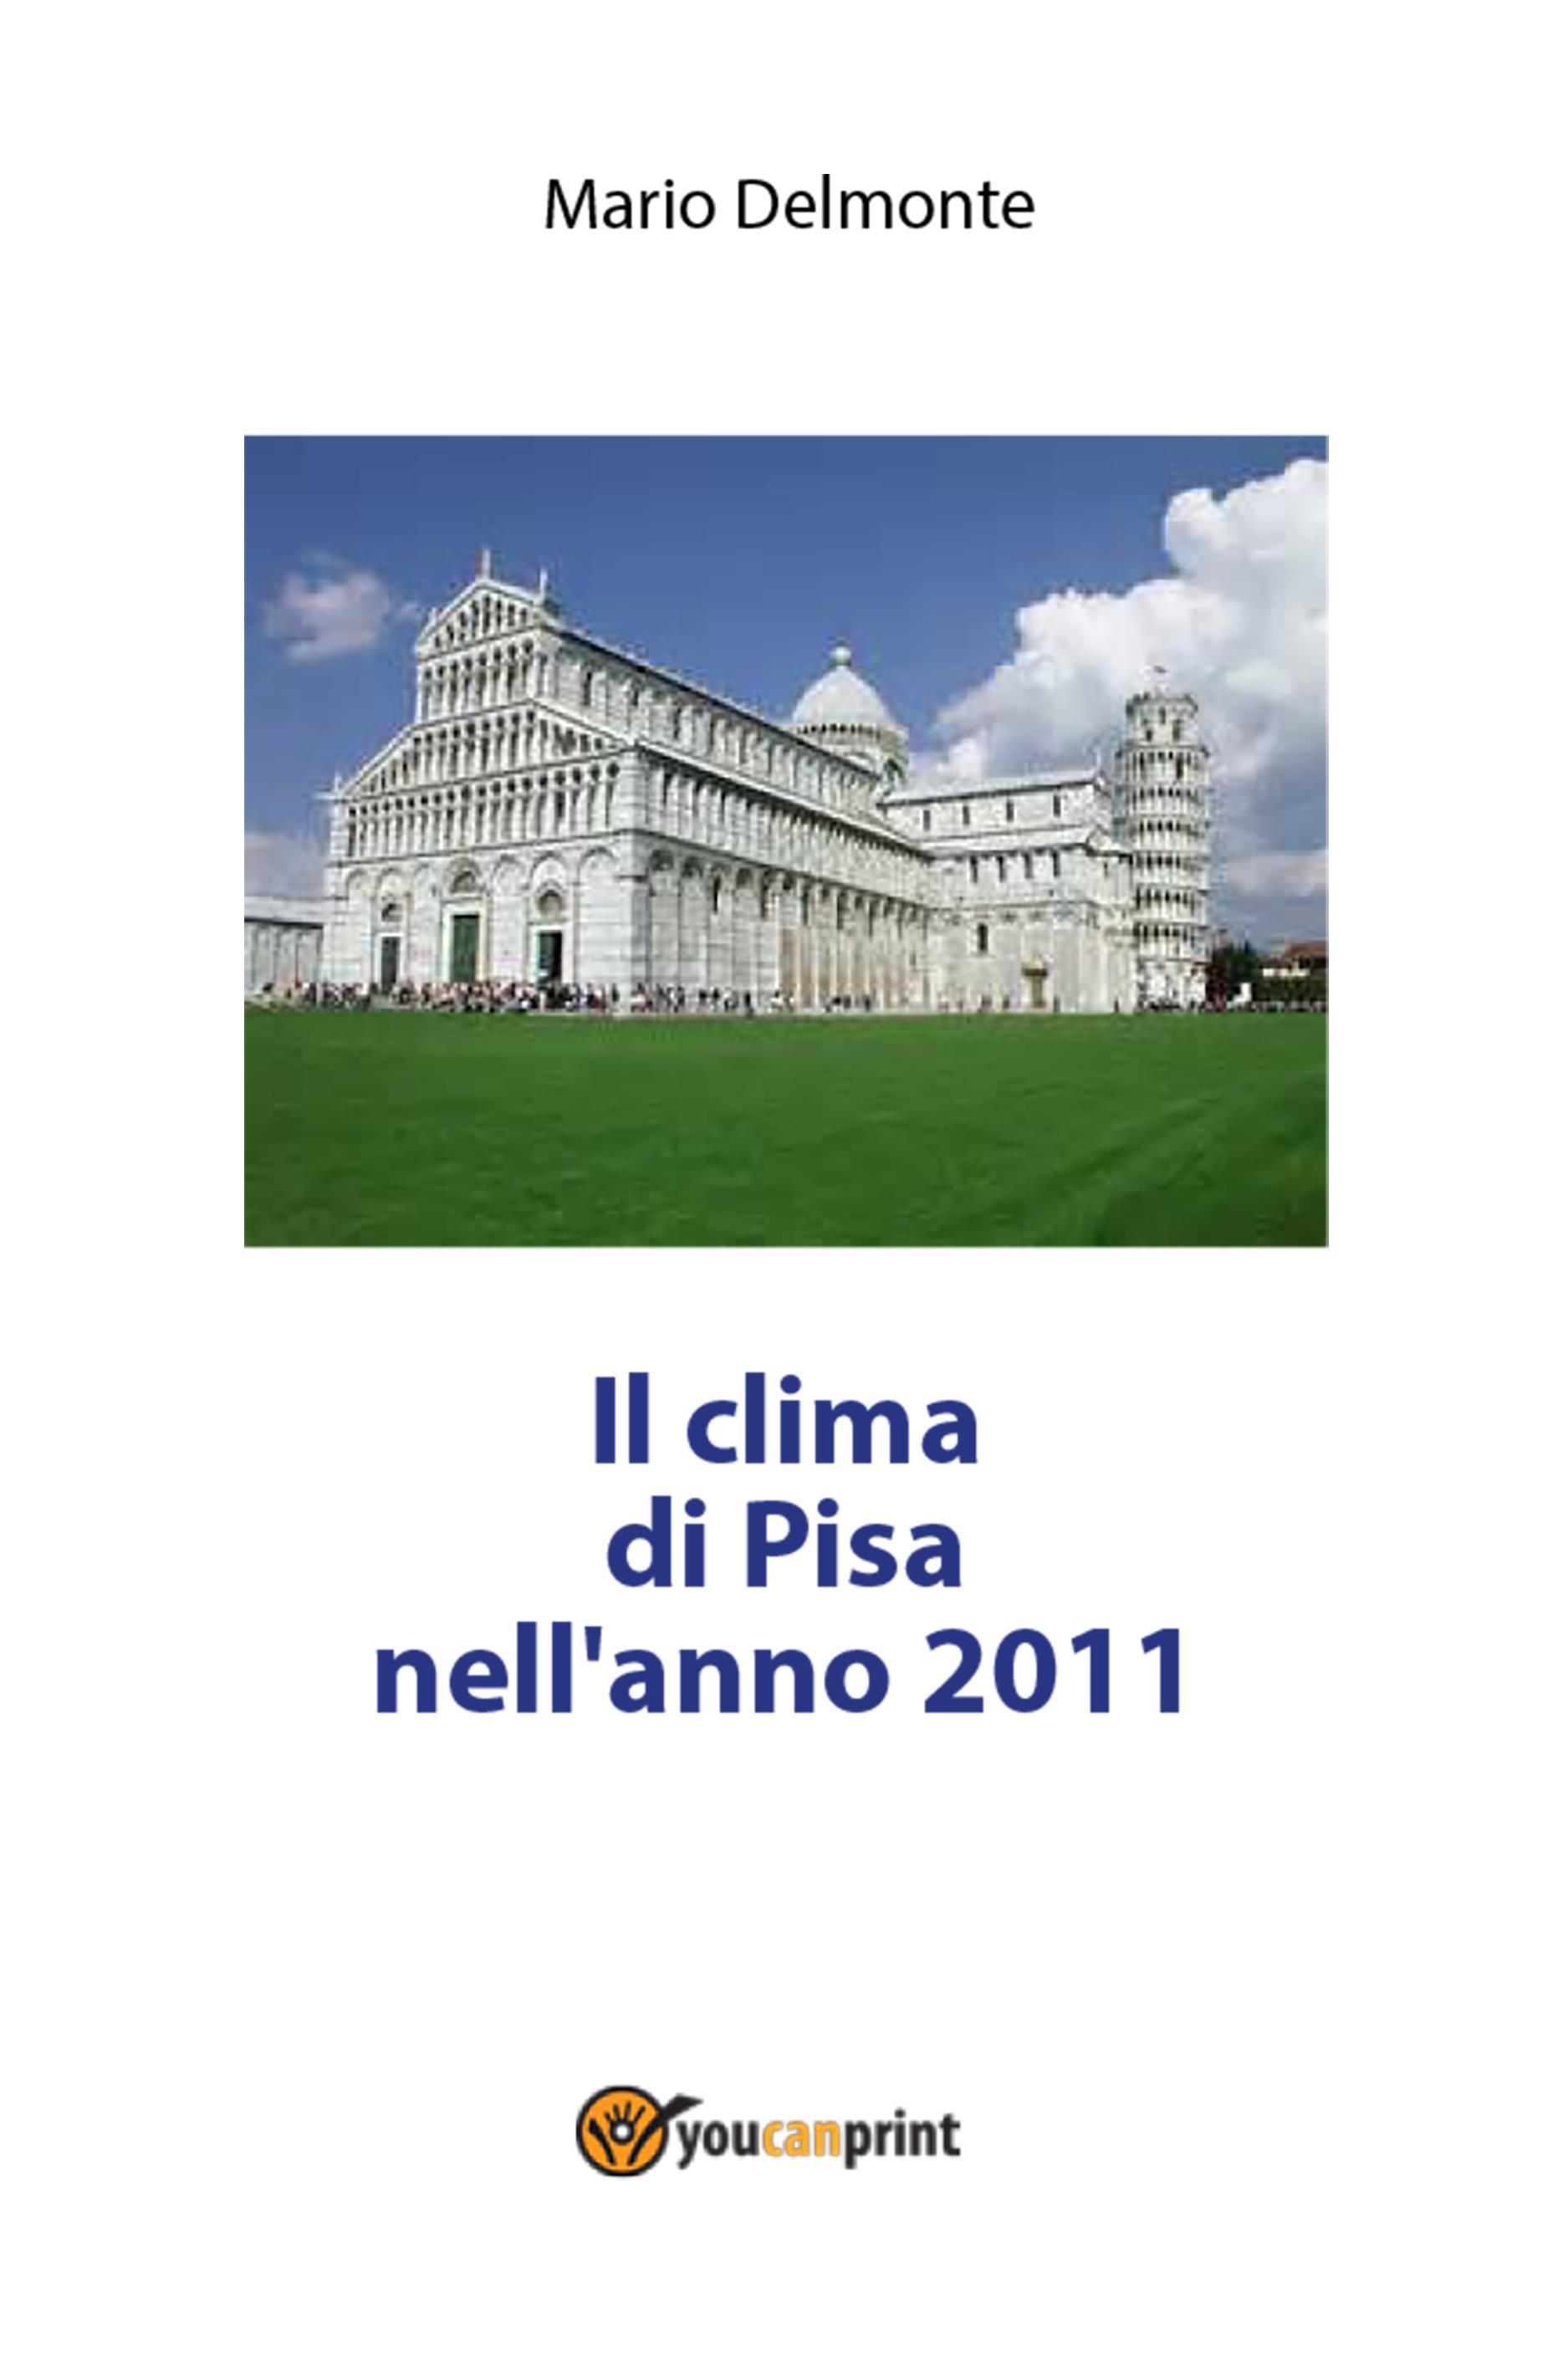 Il clima di Pisa nell'anno 2011